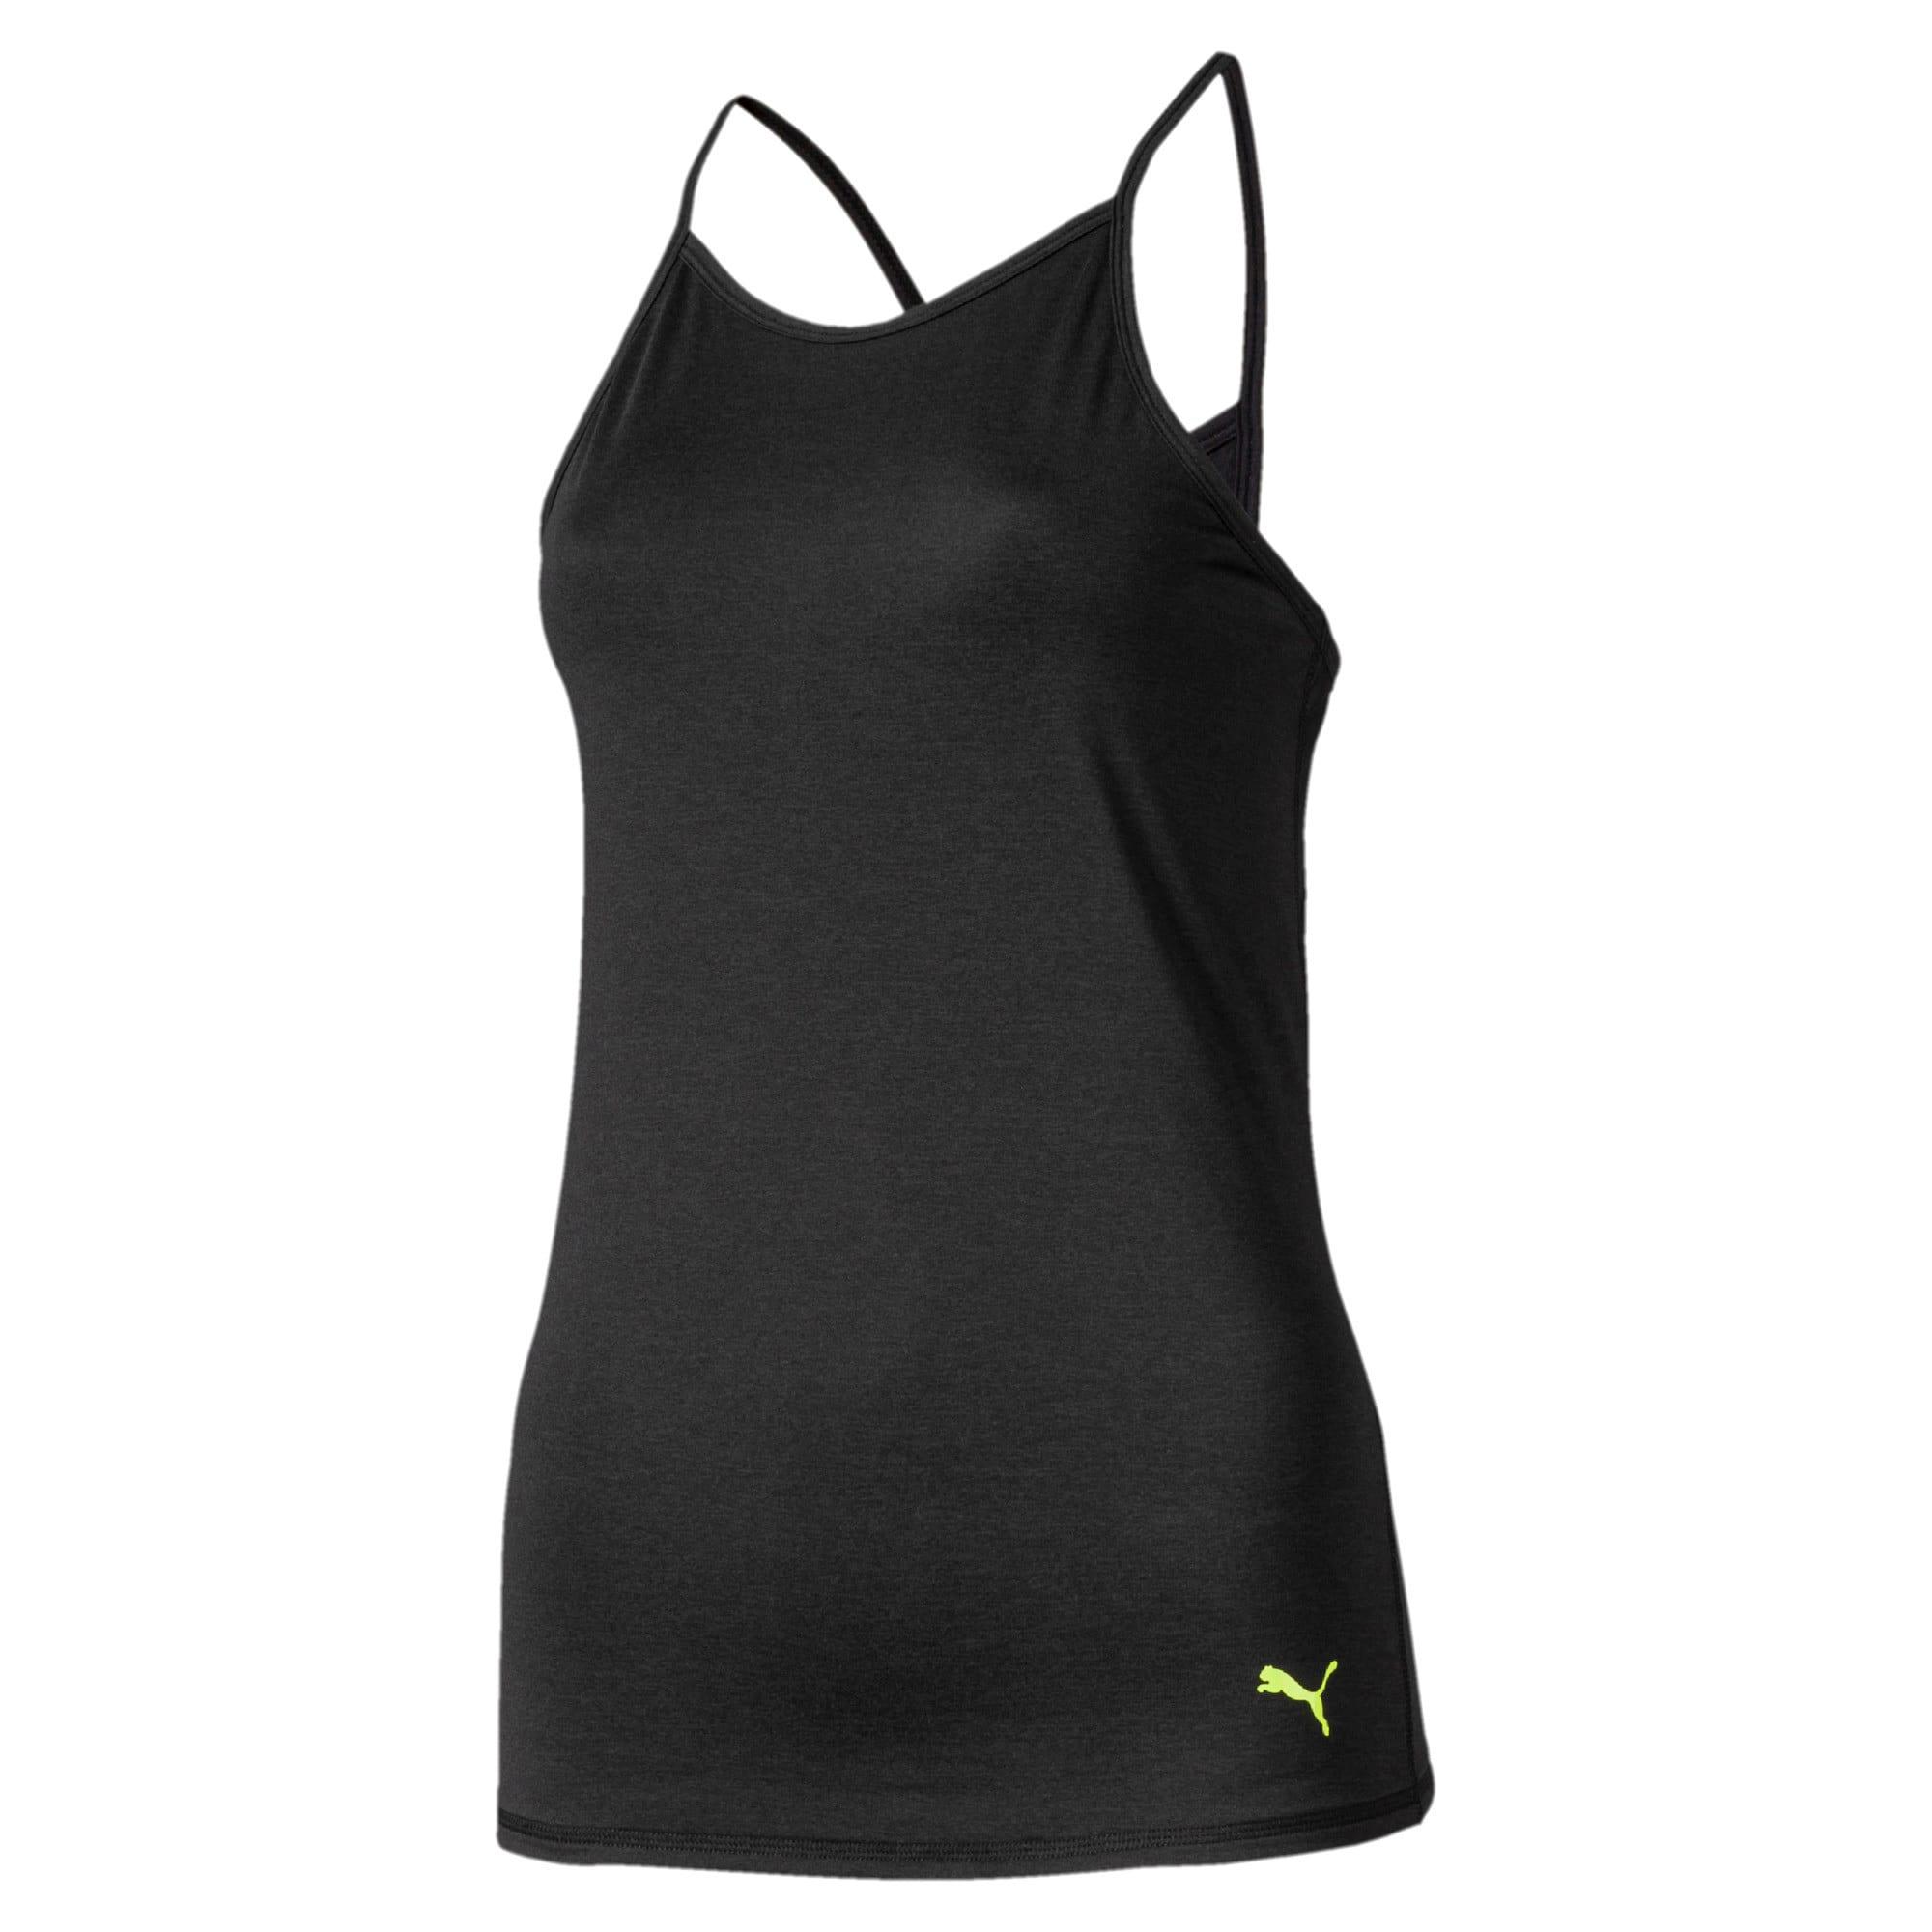 Miniatura 4 de Camiseta sin mangas Studio con espalda deportiva para mujer, Puma Black Heather, mediano